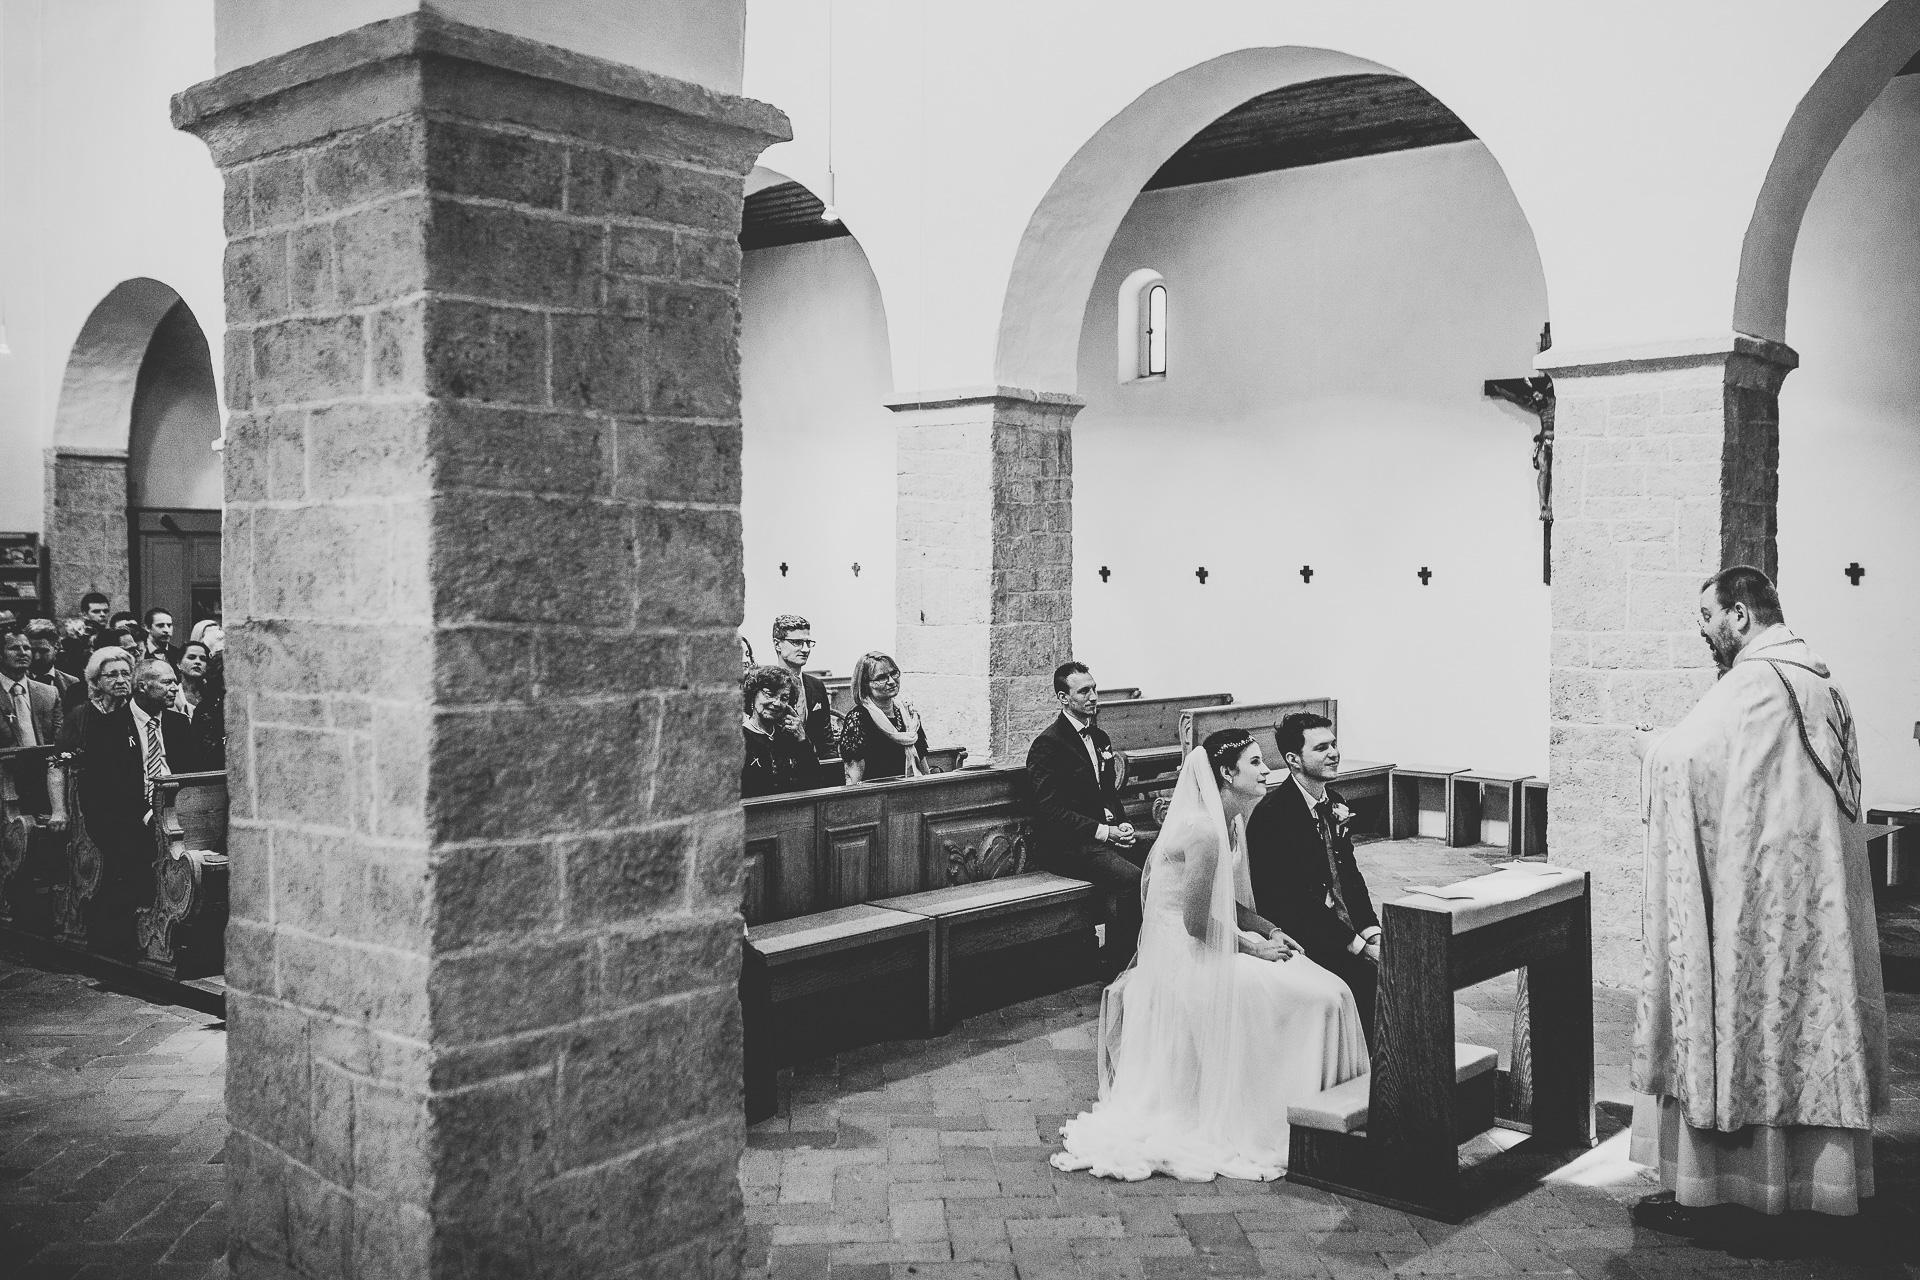 Alexander Utz, Fotografie, Hochzeit, Augsburg, Brautkleid, Brautstrauss-40